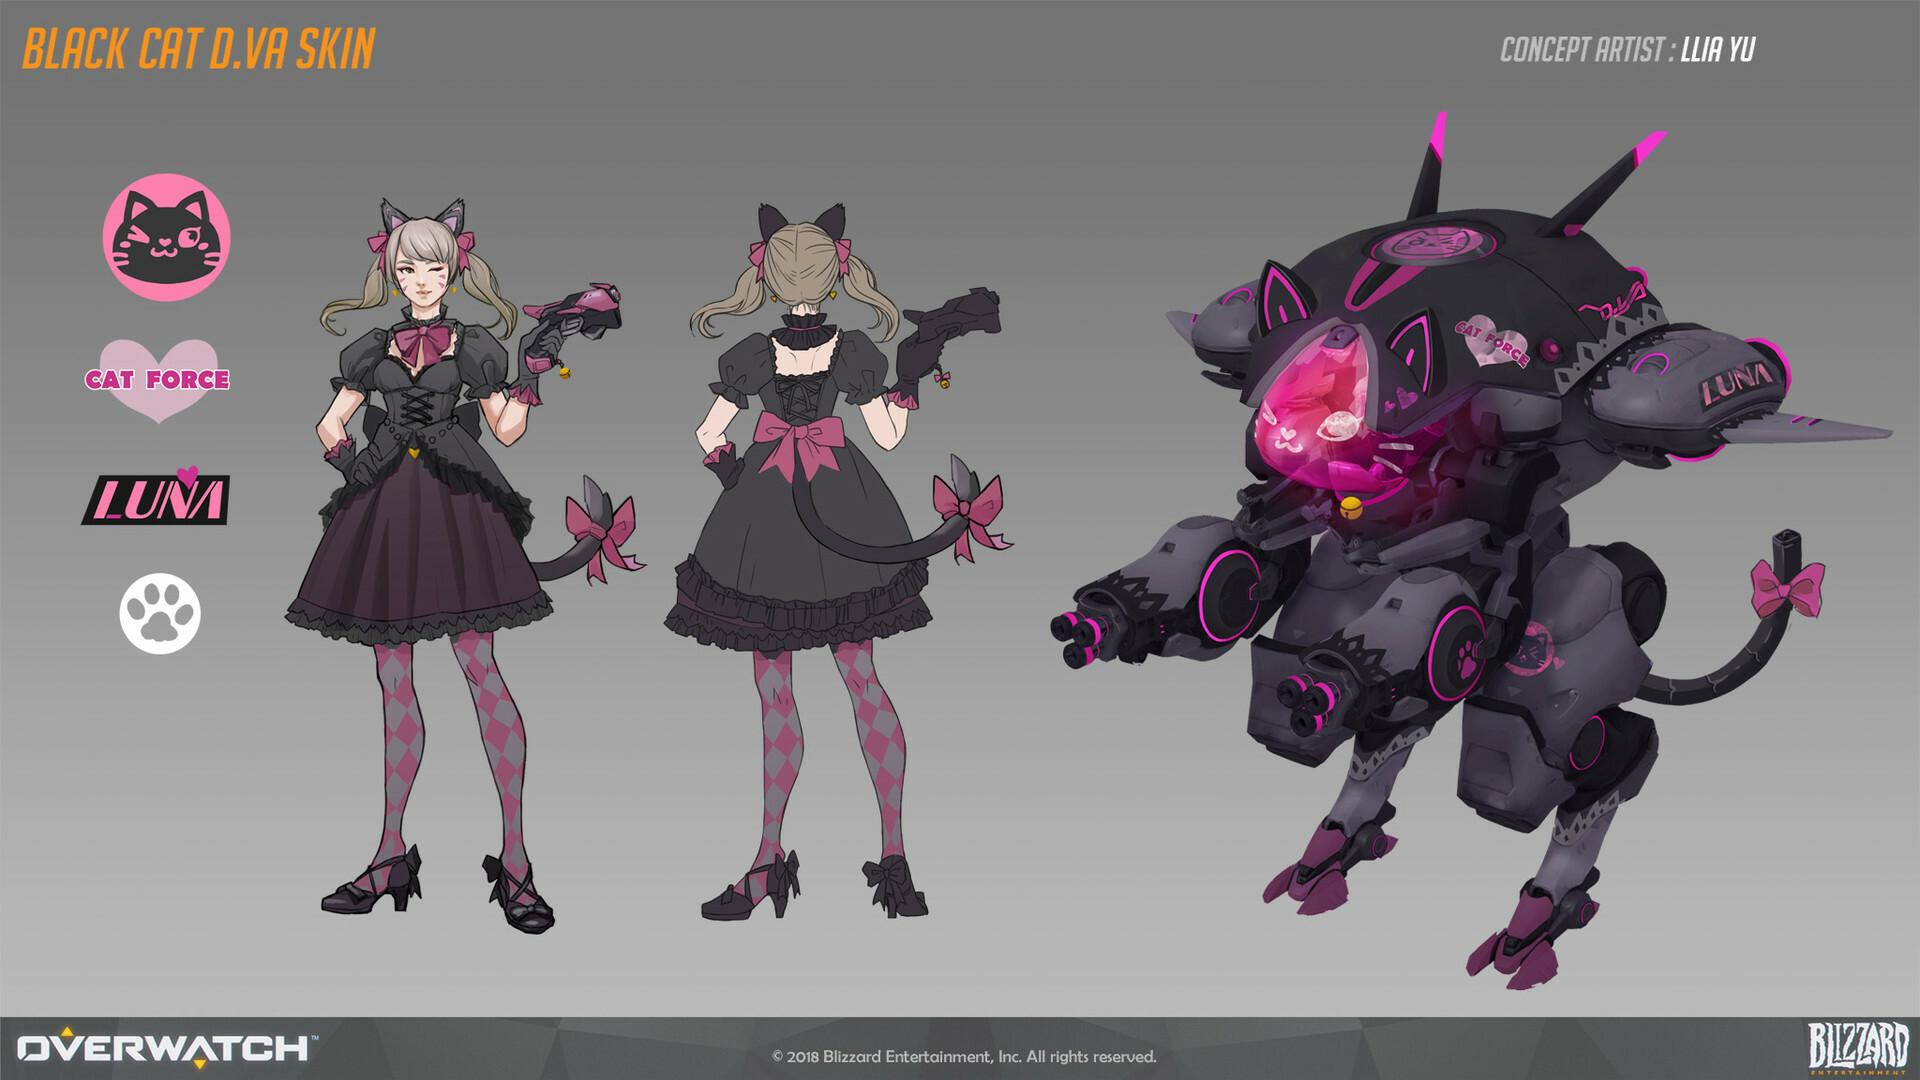 Concept by: Llia Yu